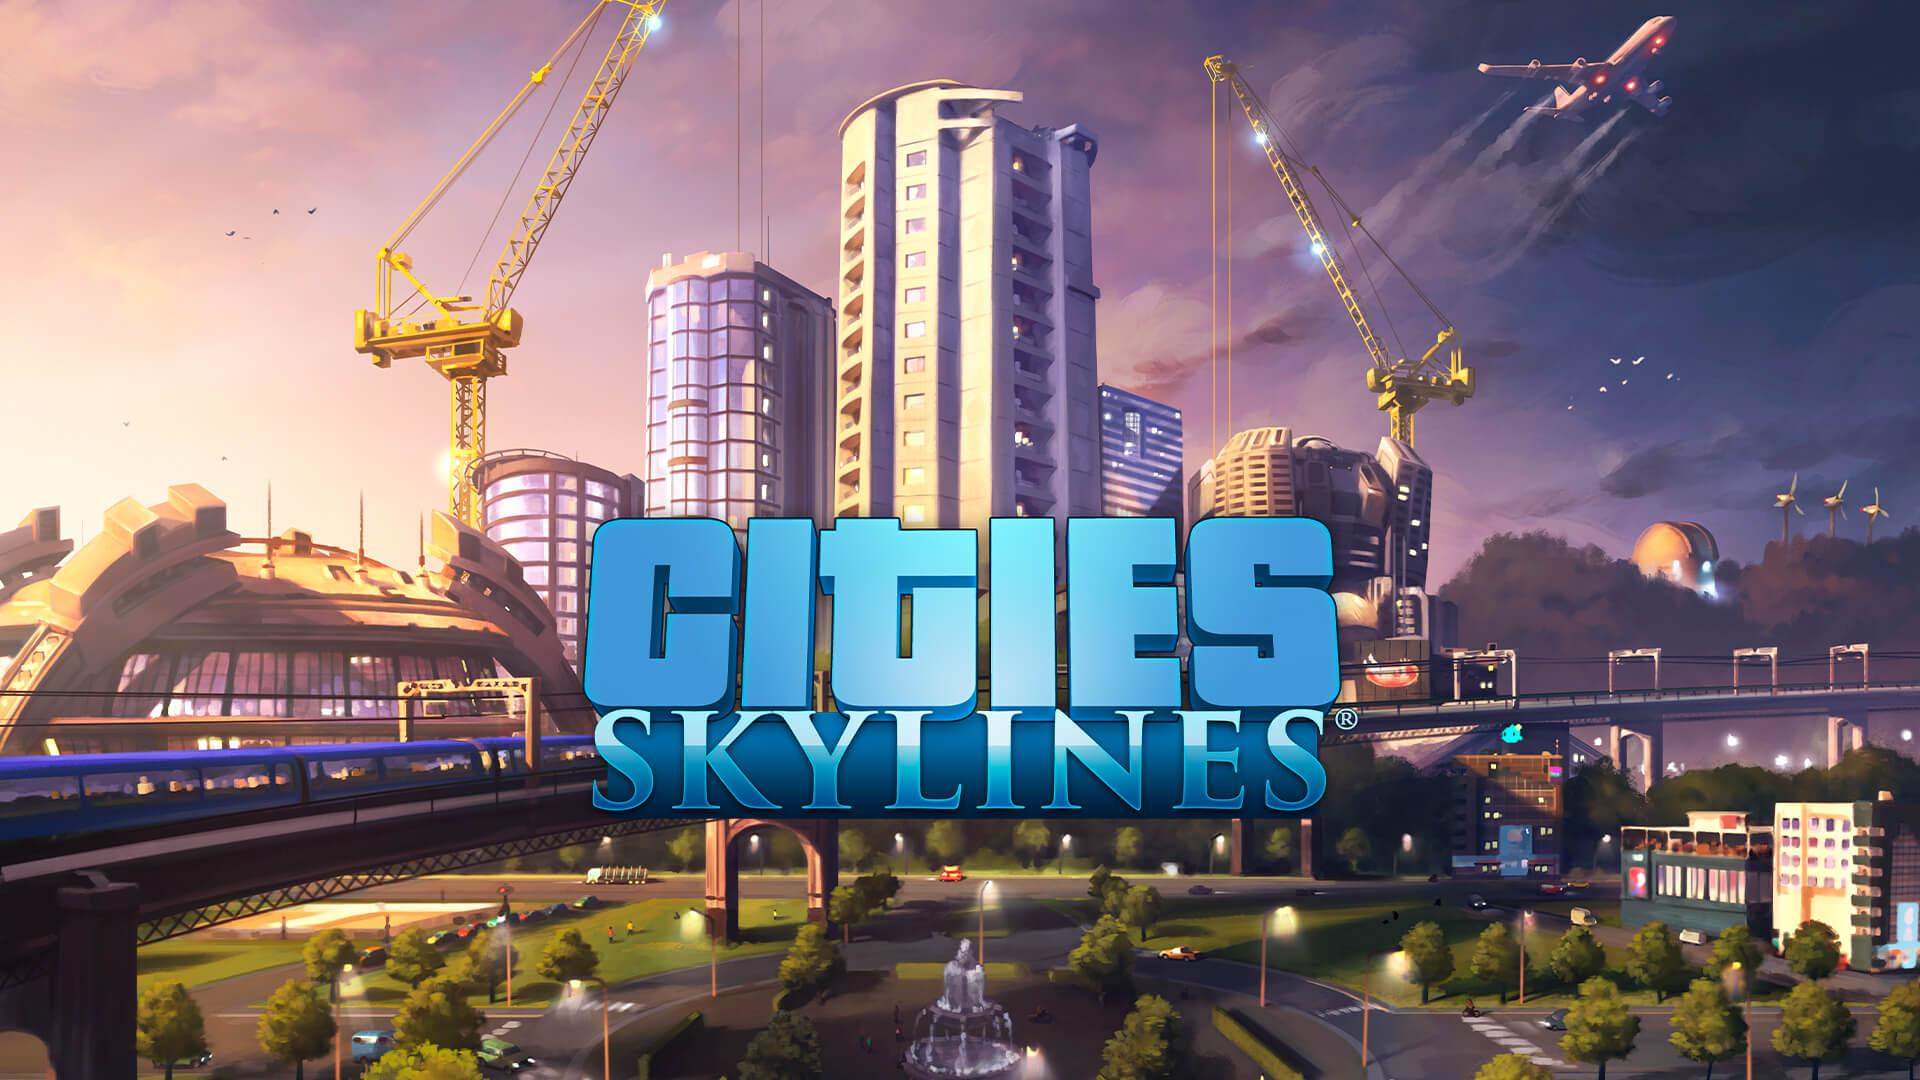 https://xgm.guru/p/cheramore/cities-skylines-0-01